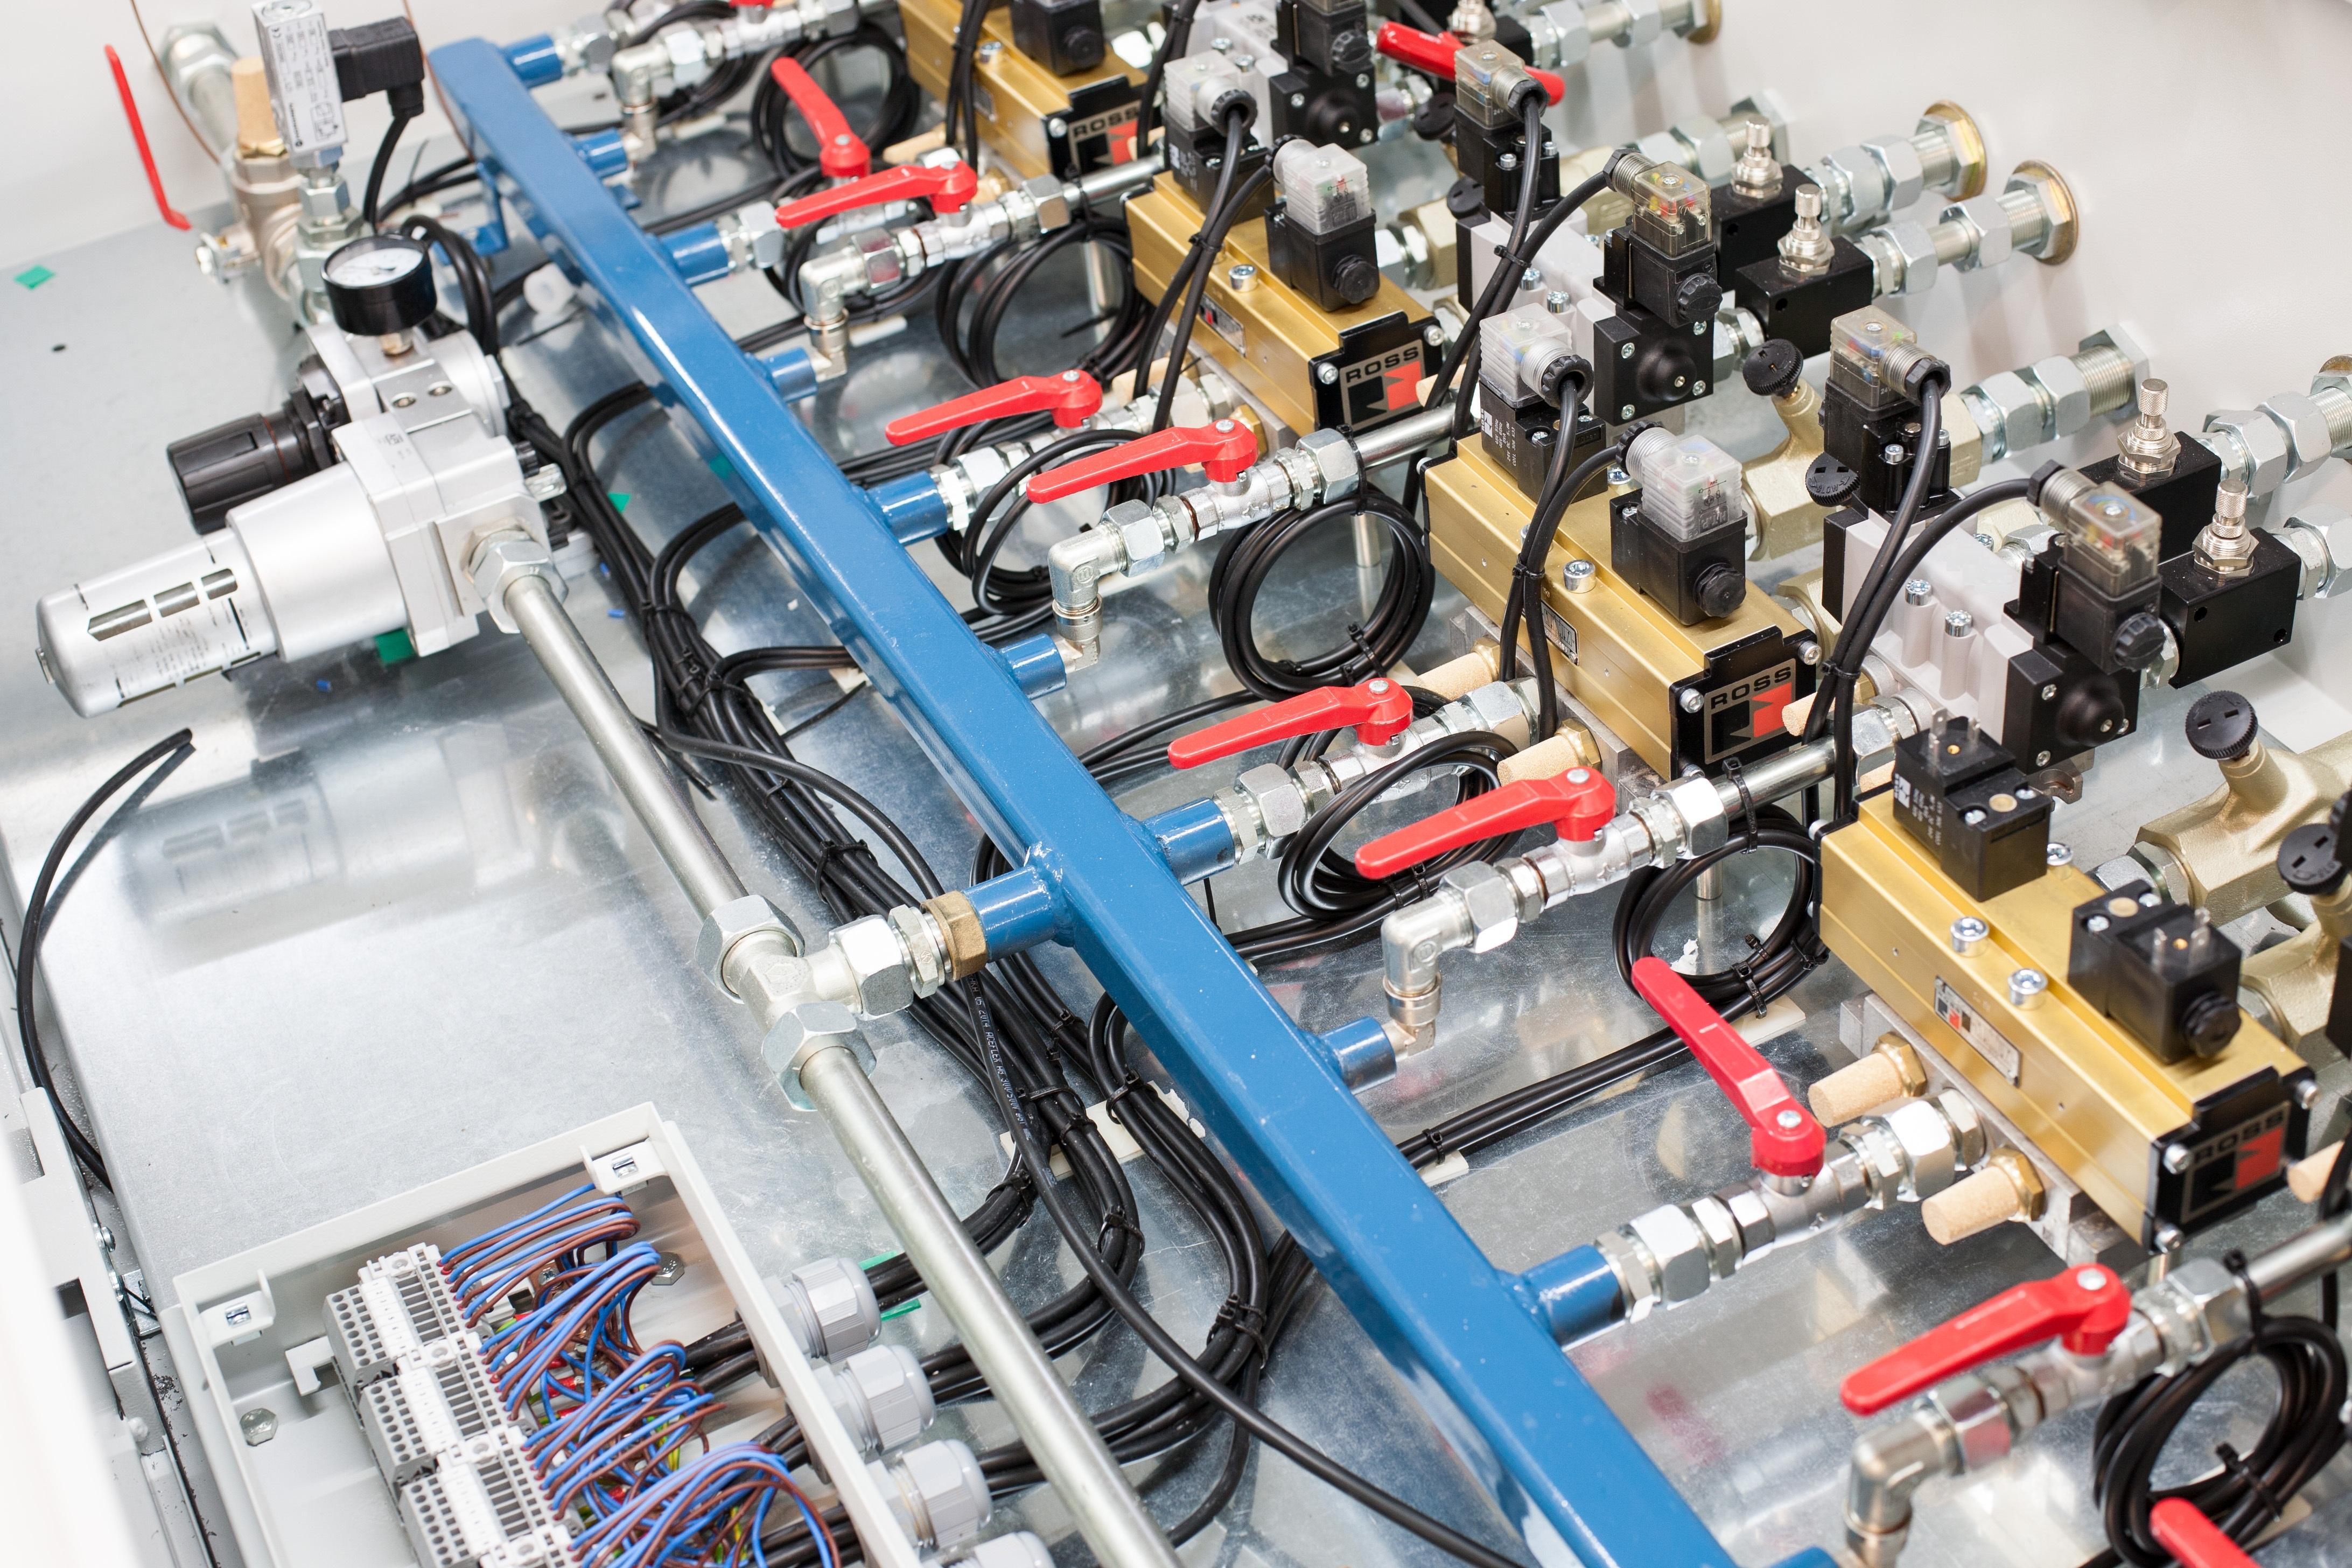 Fabricamos diversos tipos de paneles, armarios y pupitres neumáticos. Apoyamos a nuestros clietnes desde la fase de dise